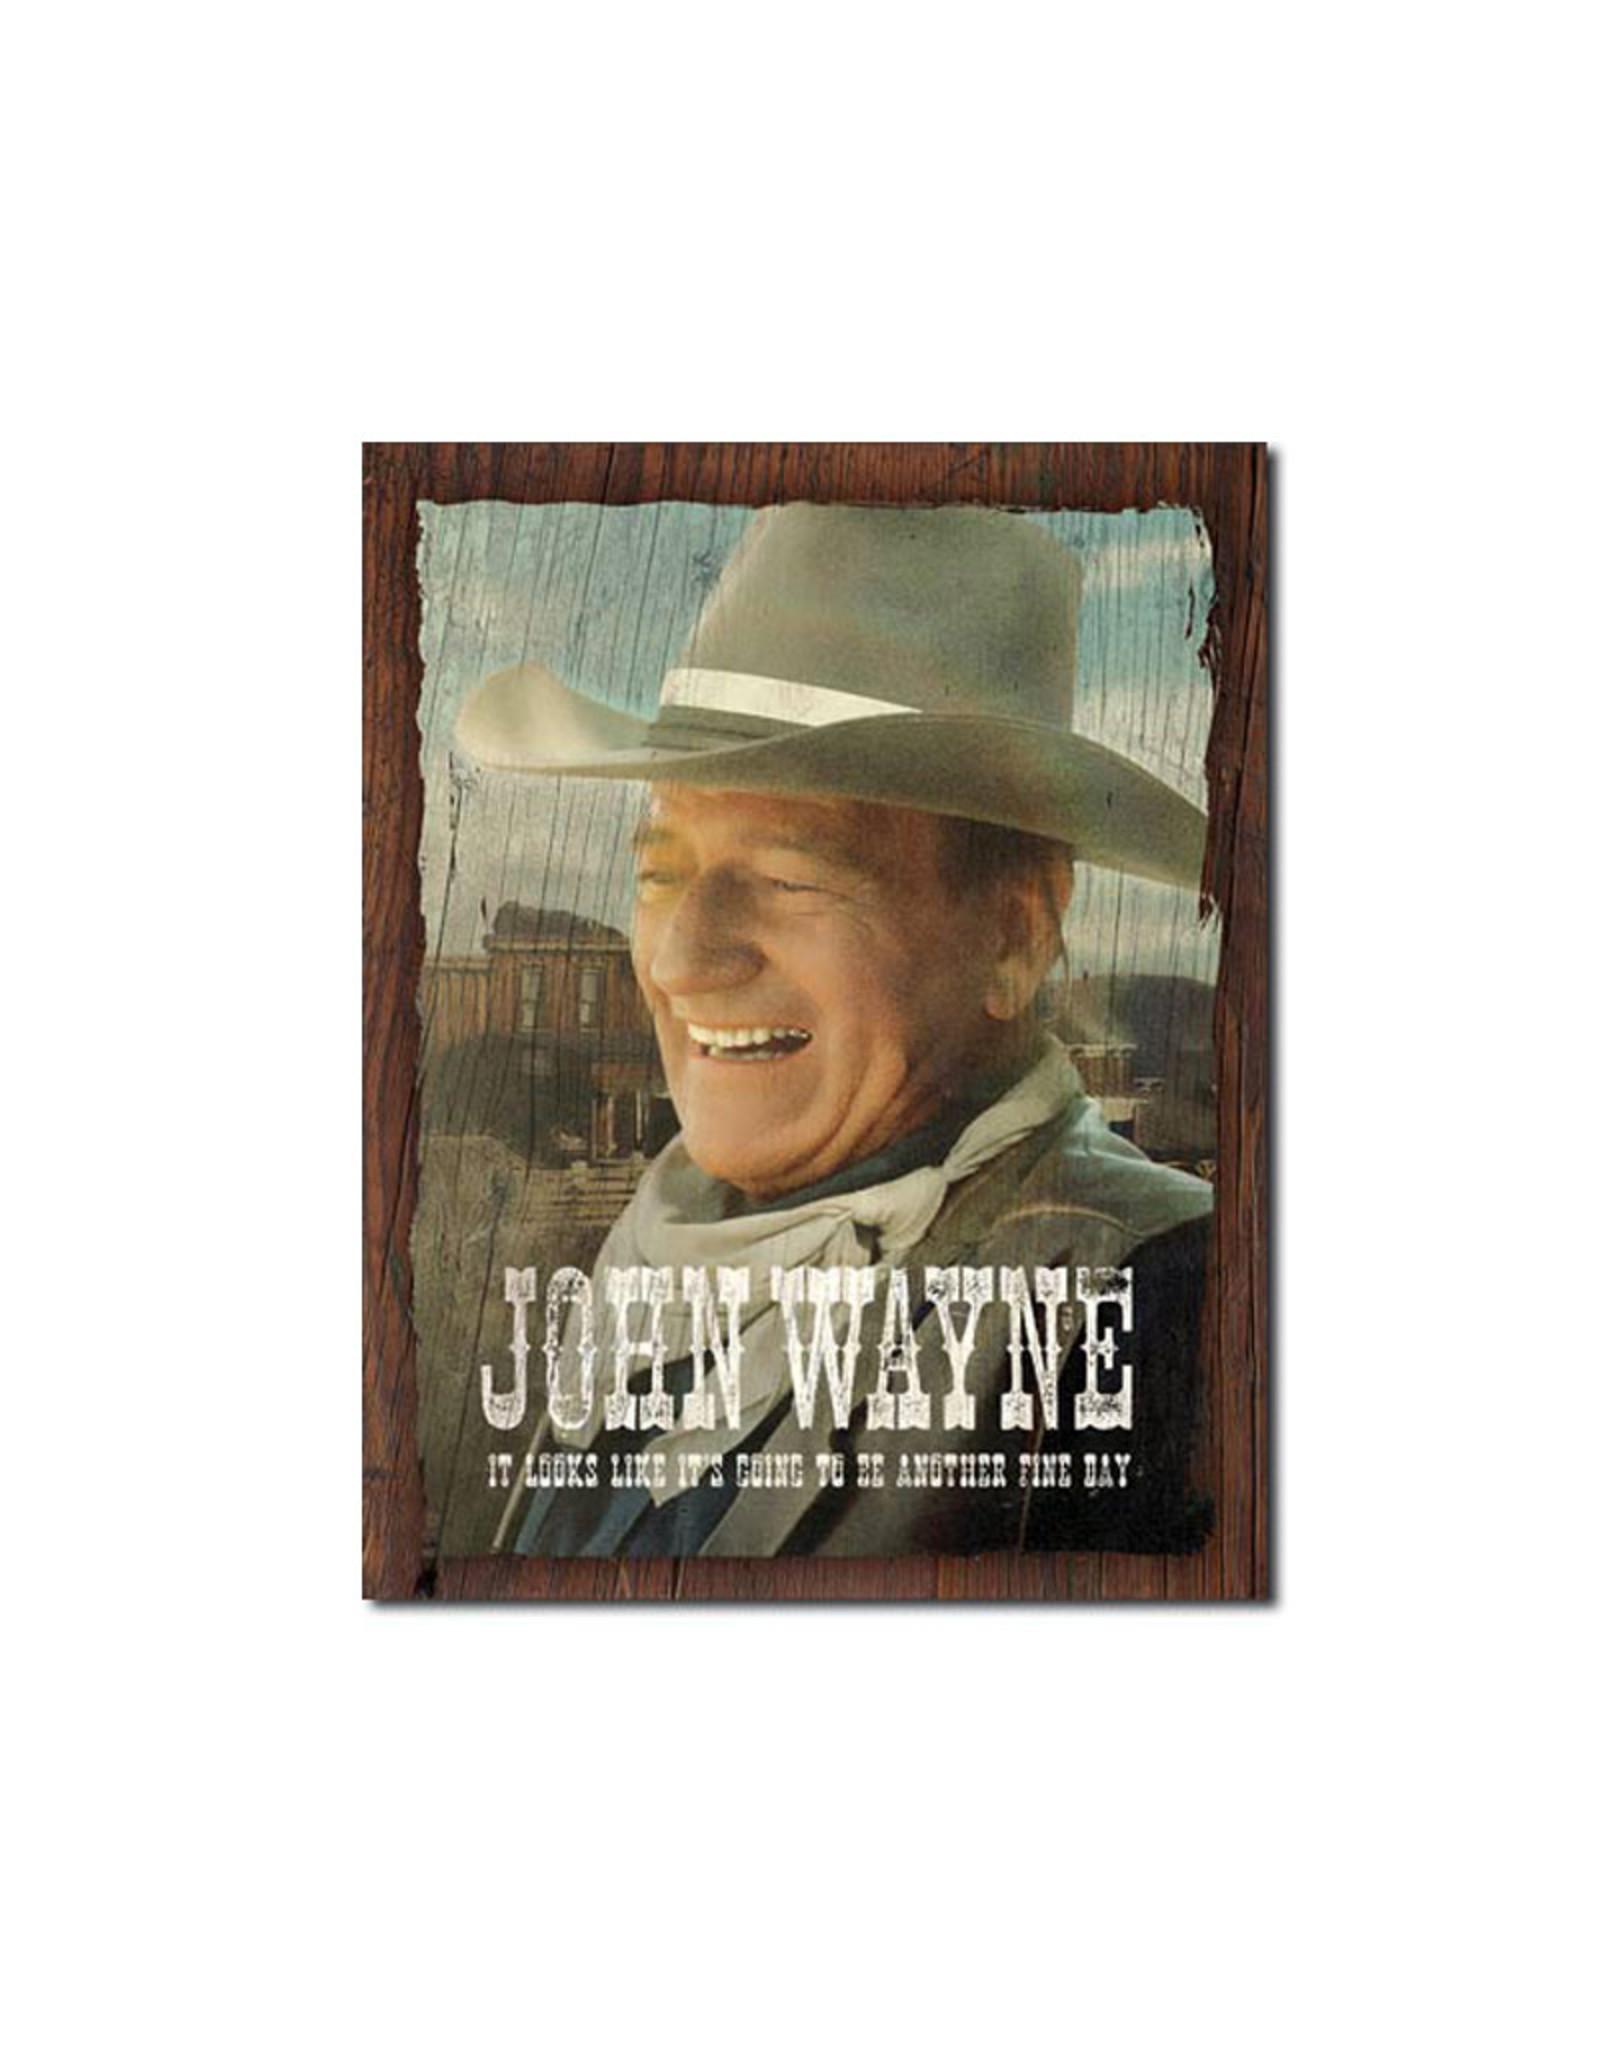 John Wayne ( Metal Sign 12.5 X 16 ) Another Fine Day